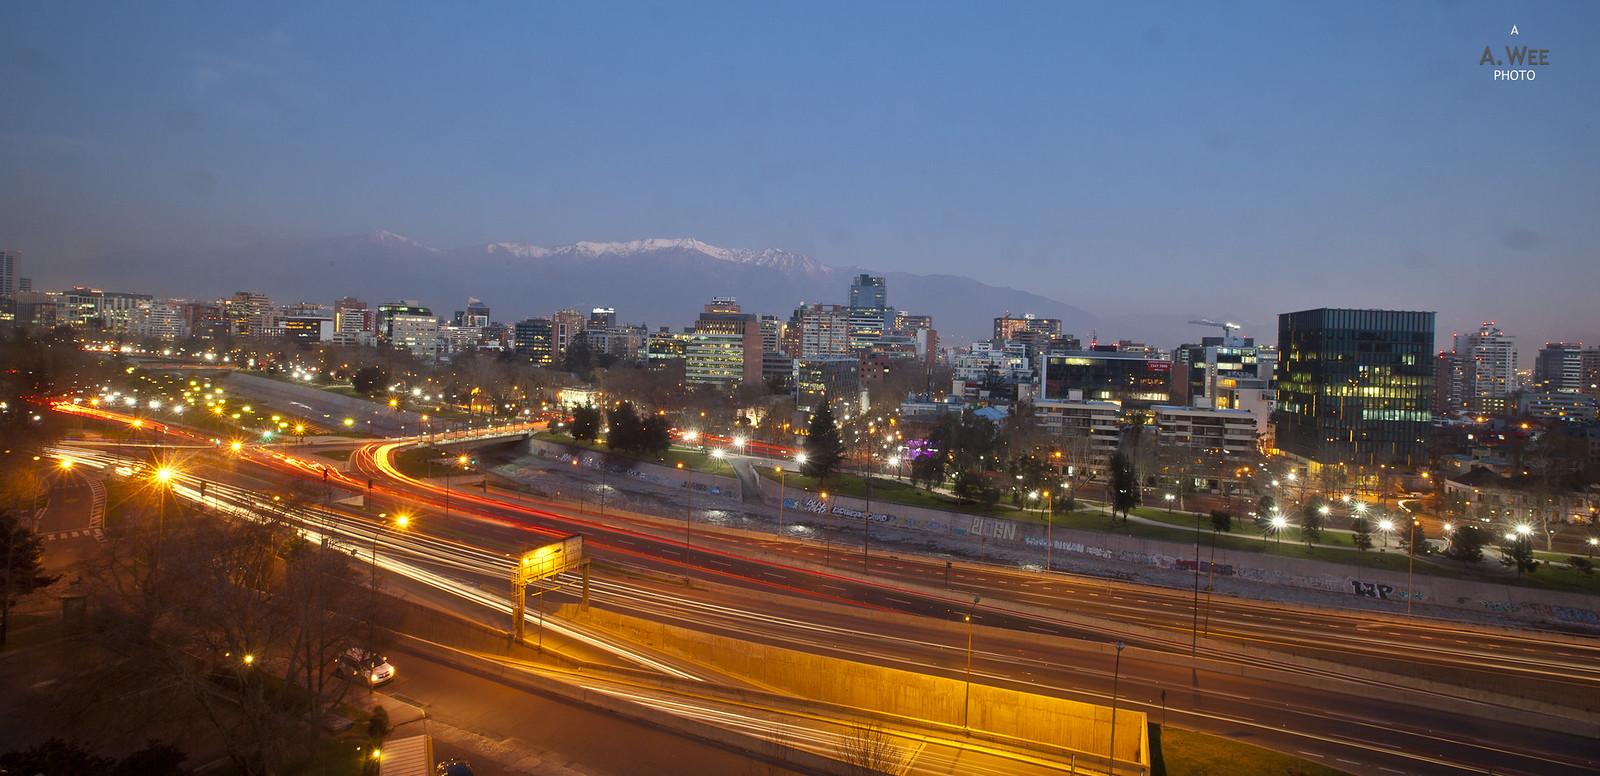 Providencia in Santiago